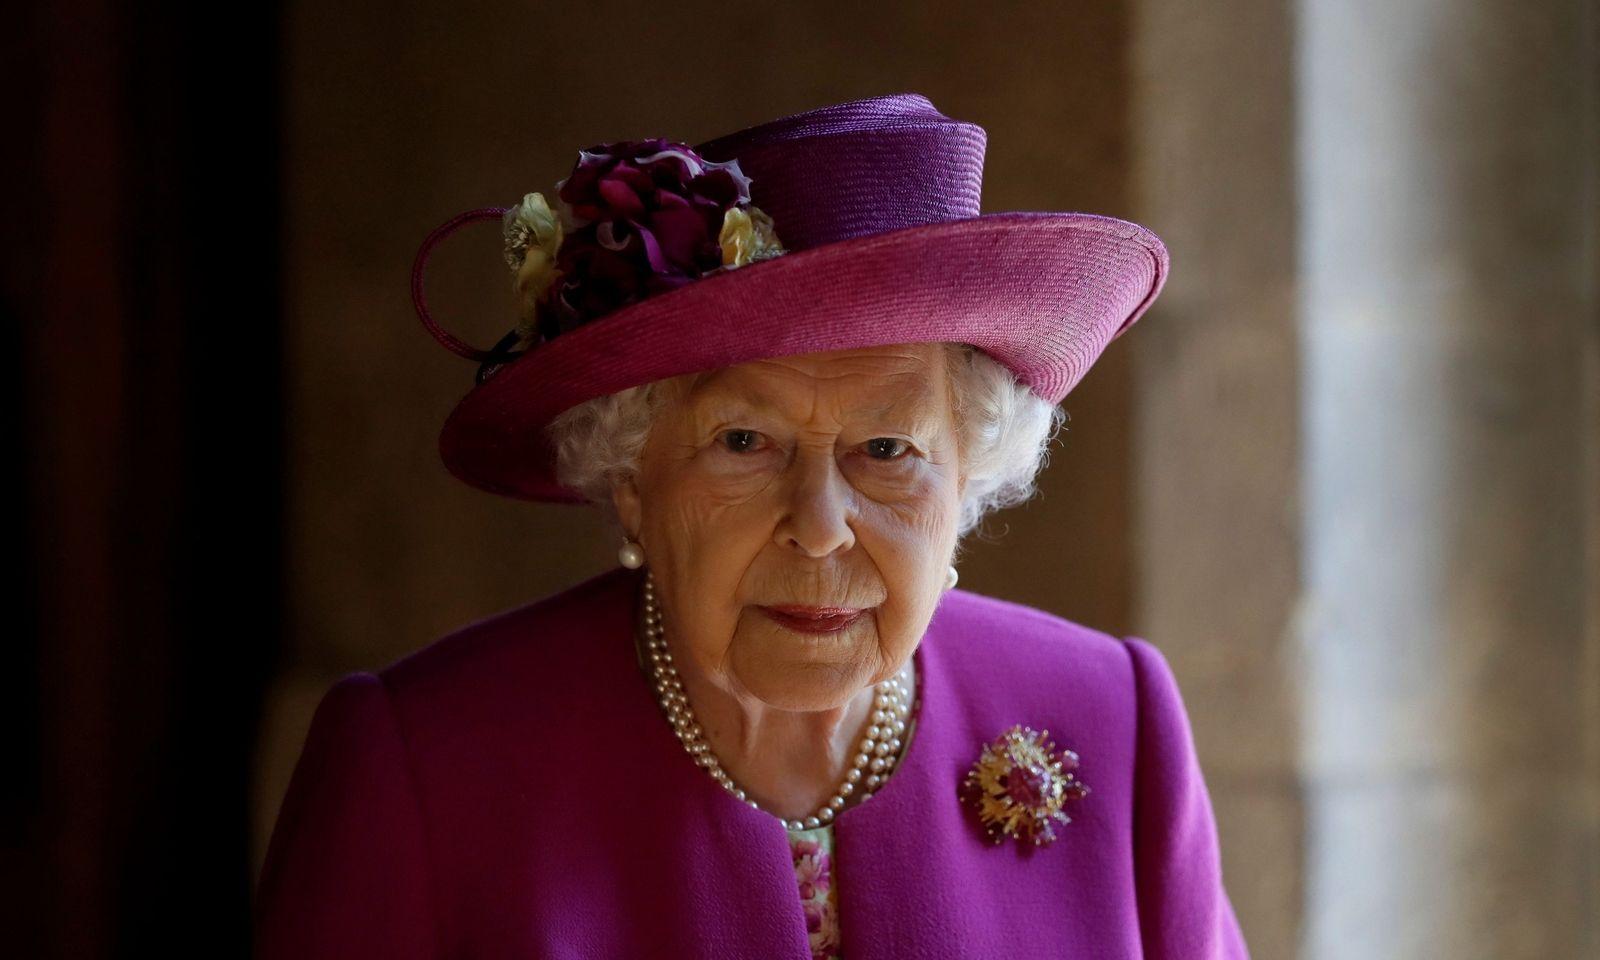 Queen bedankte sich für Wünsche zum 95. Geburtstag